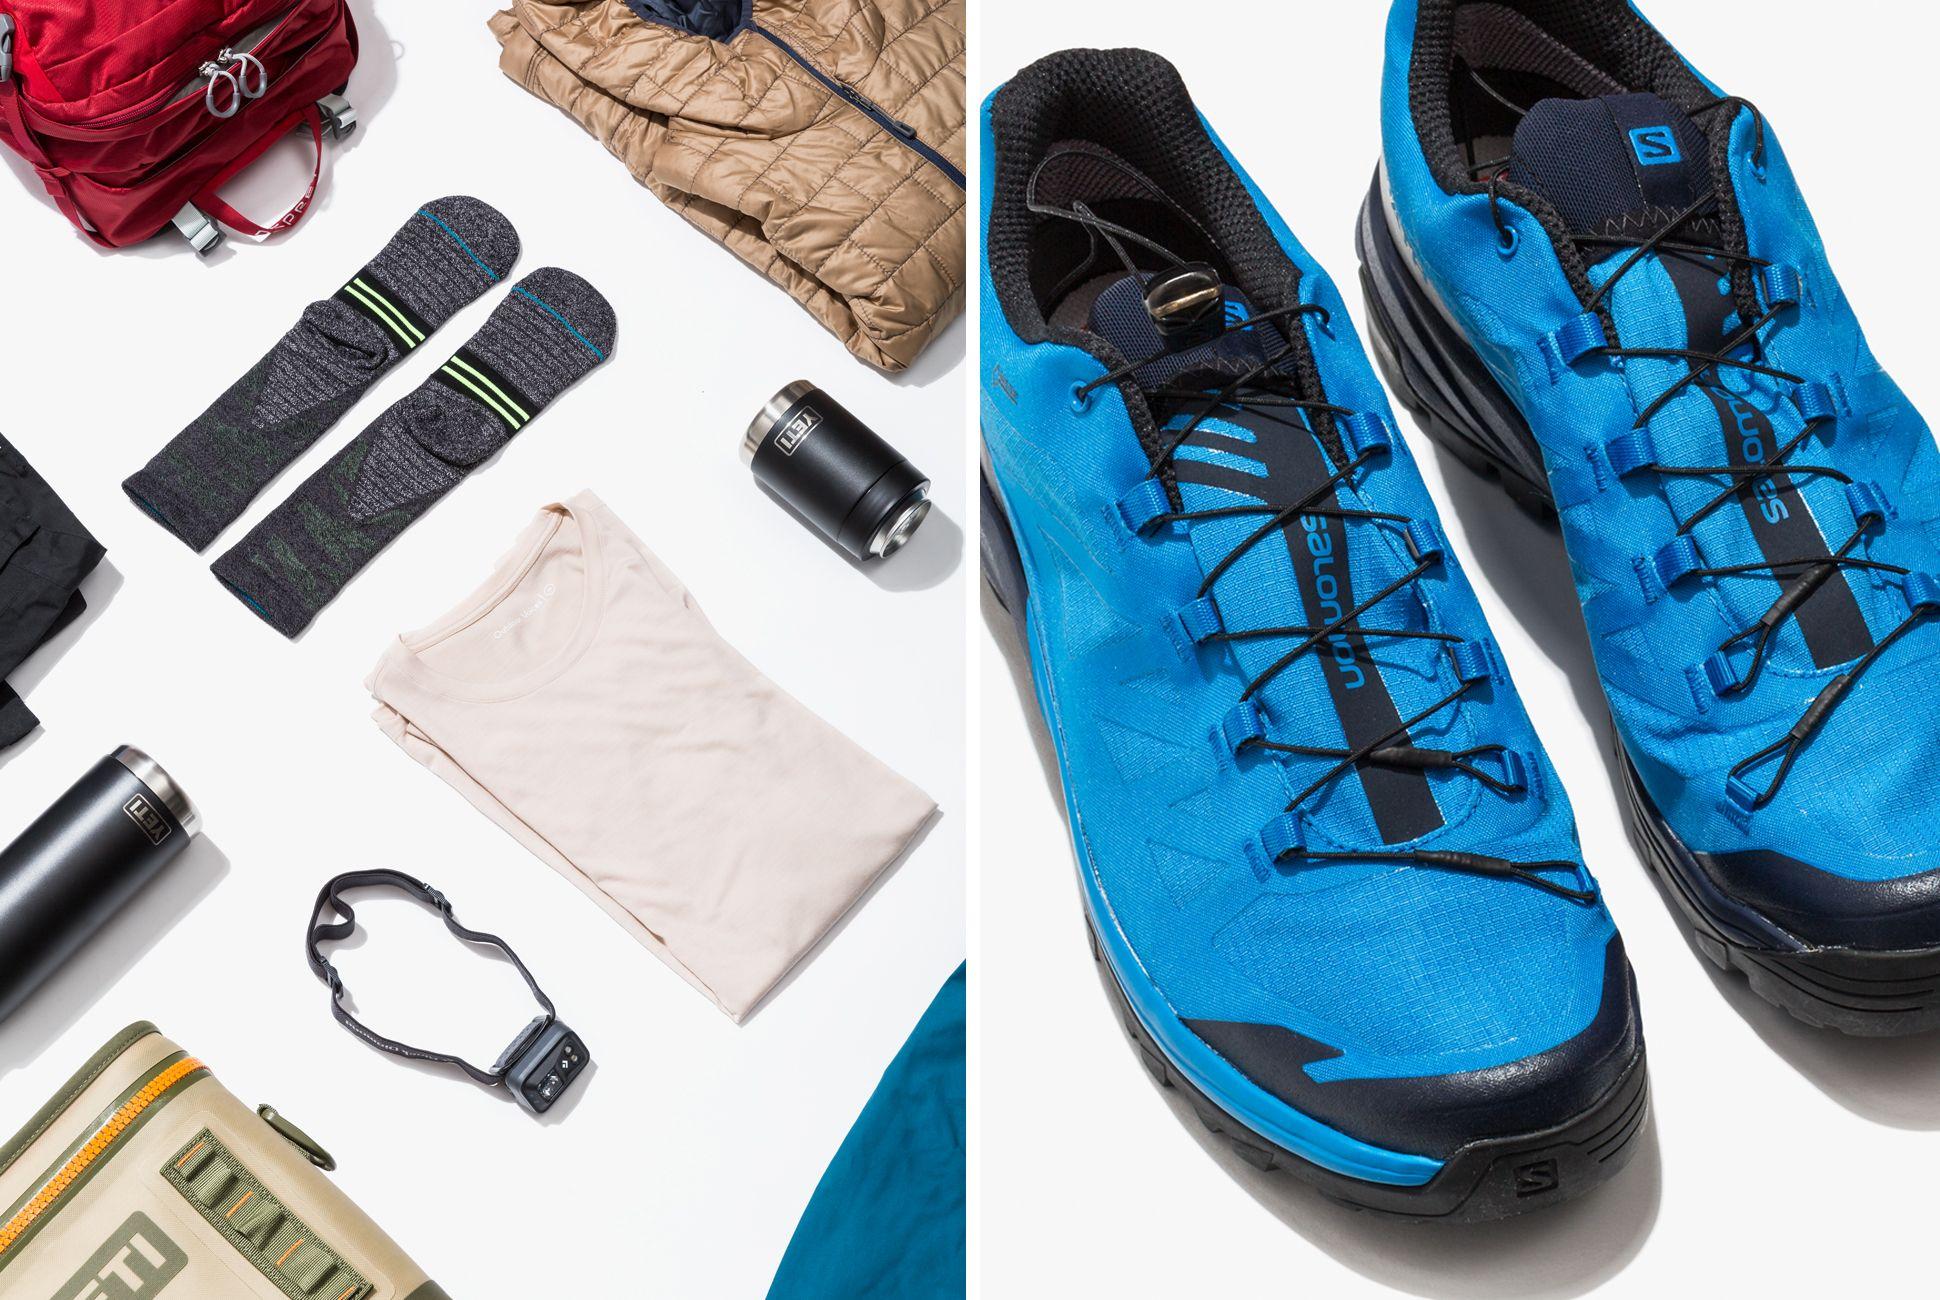 yeti-hiking-gear-patrol-gear-3